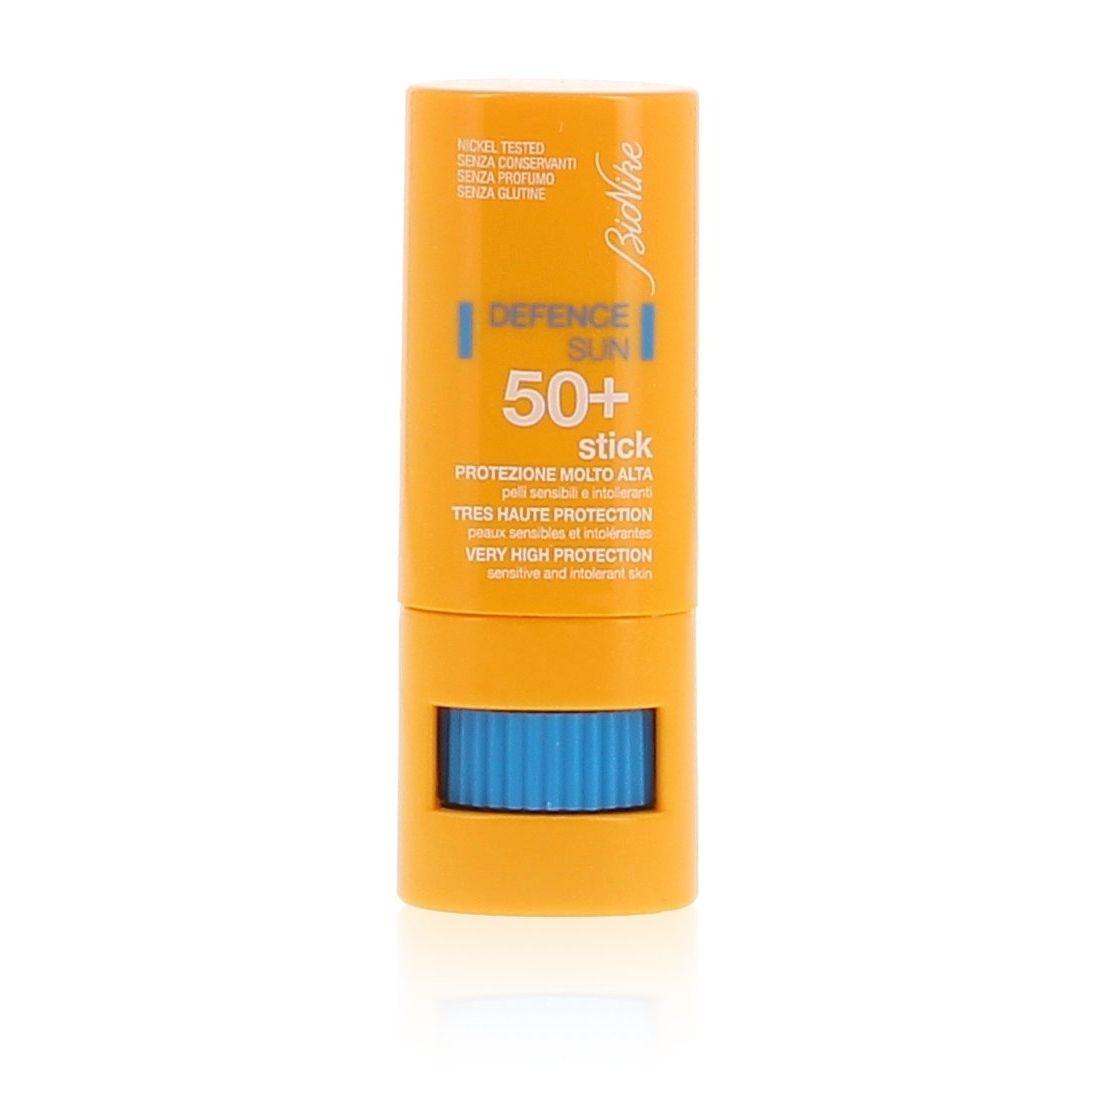 Bionike Defence Sun Stick Solare Spf 50 Protezione Alta 8g